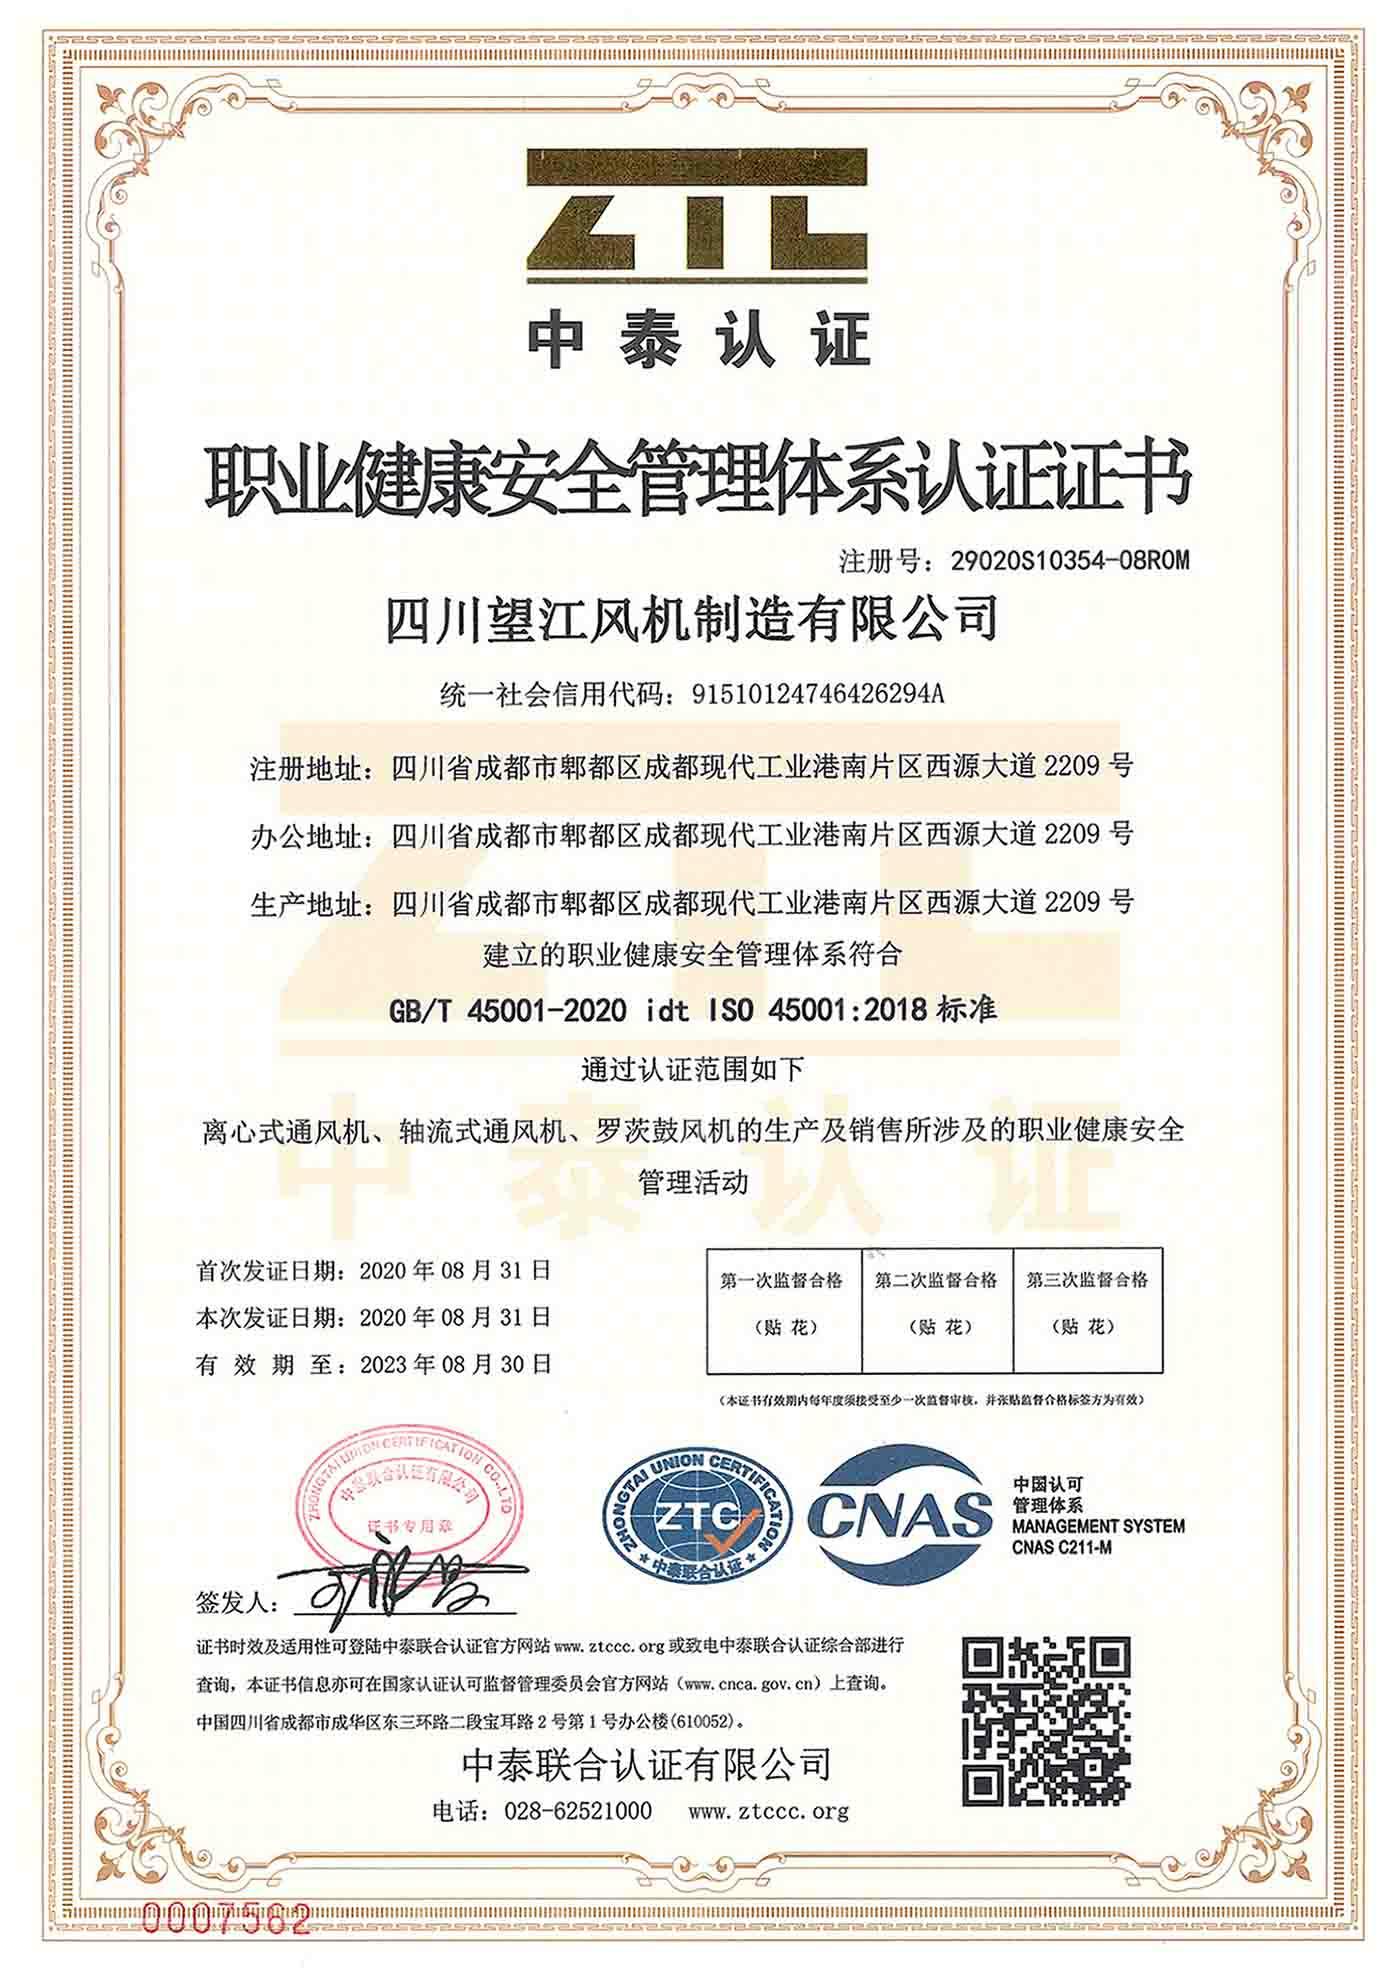 职业健康安全管理体系证书